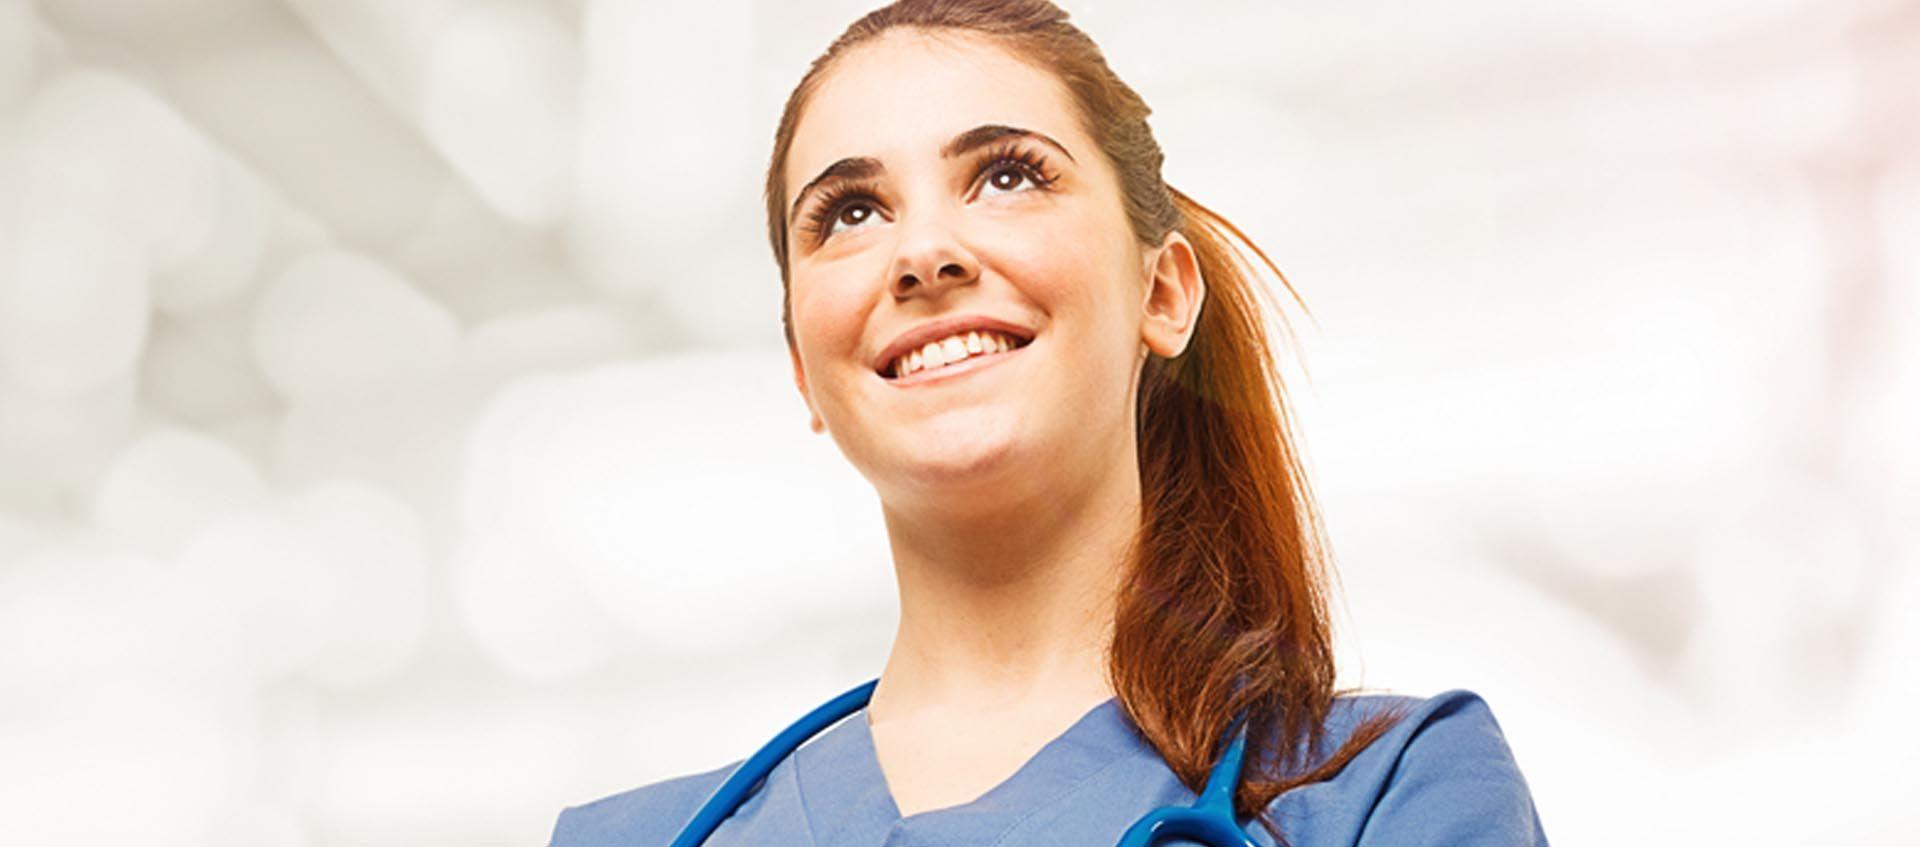 Faculdade de Graduação em Enfermagem em Porto Alegre | Factum Graduação e Cursos Técnicos